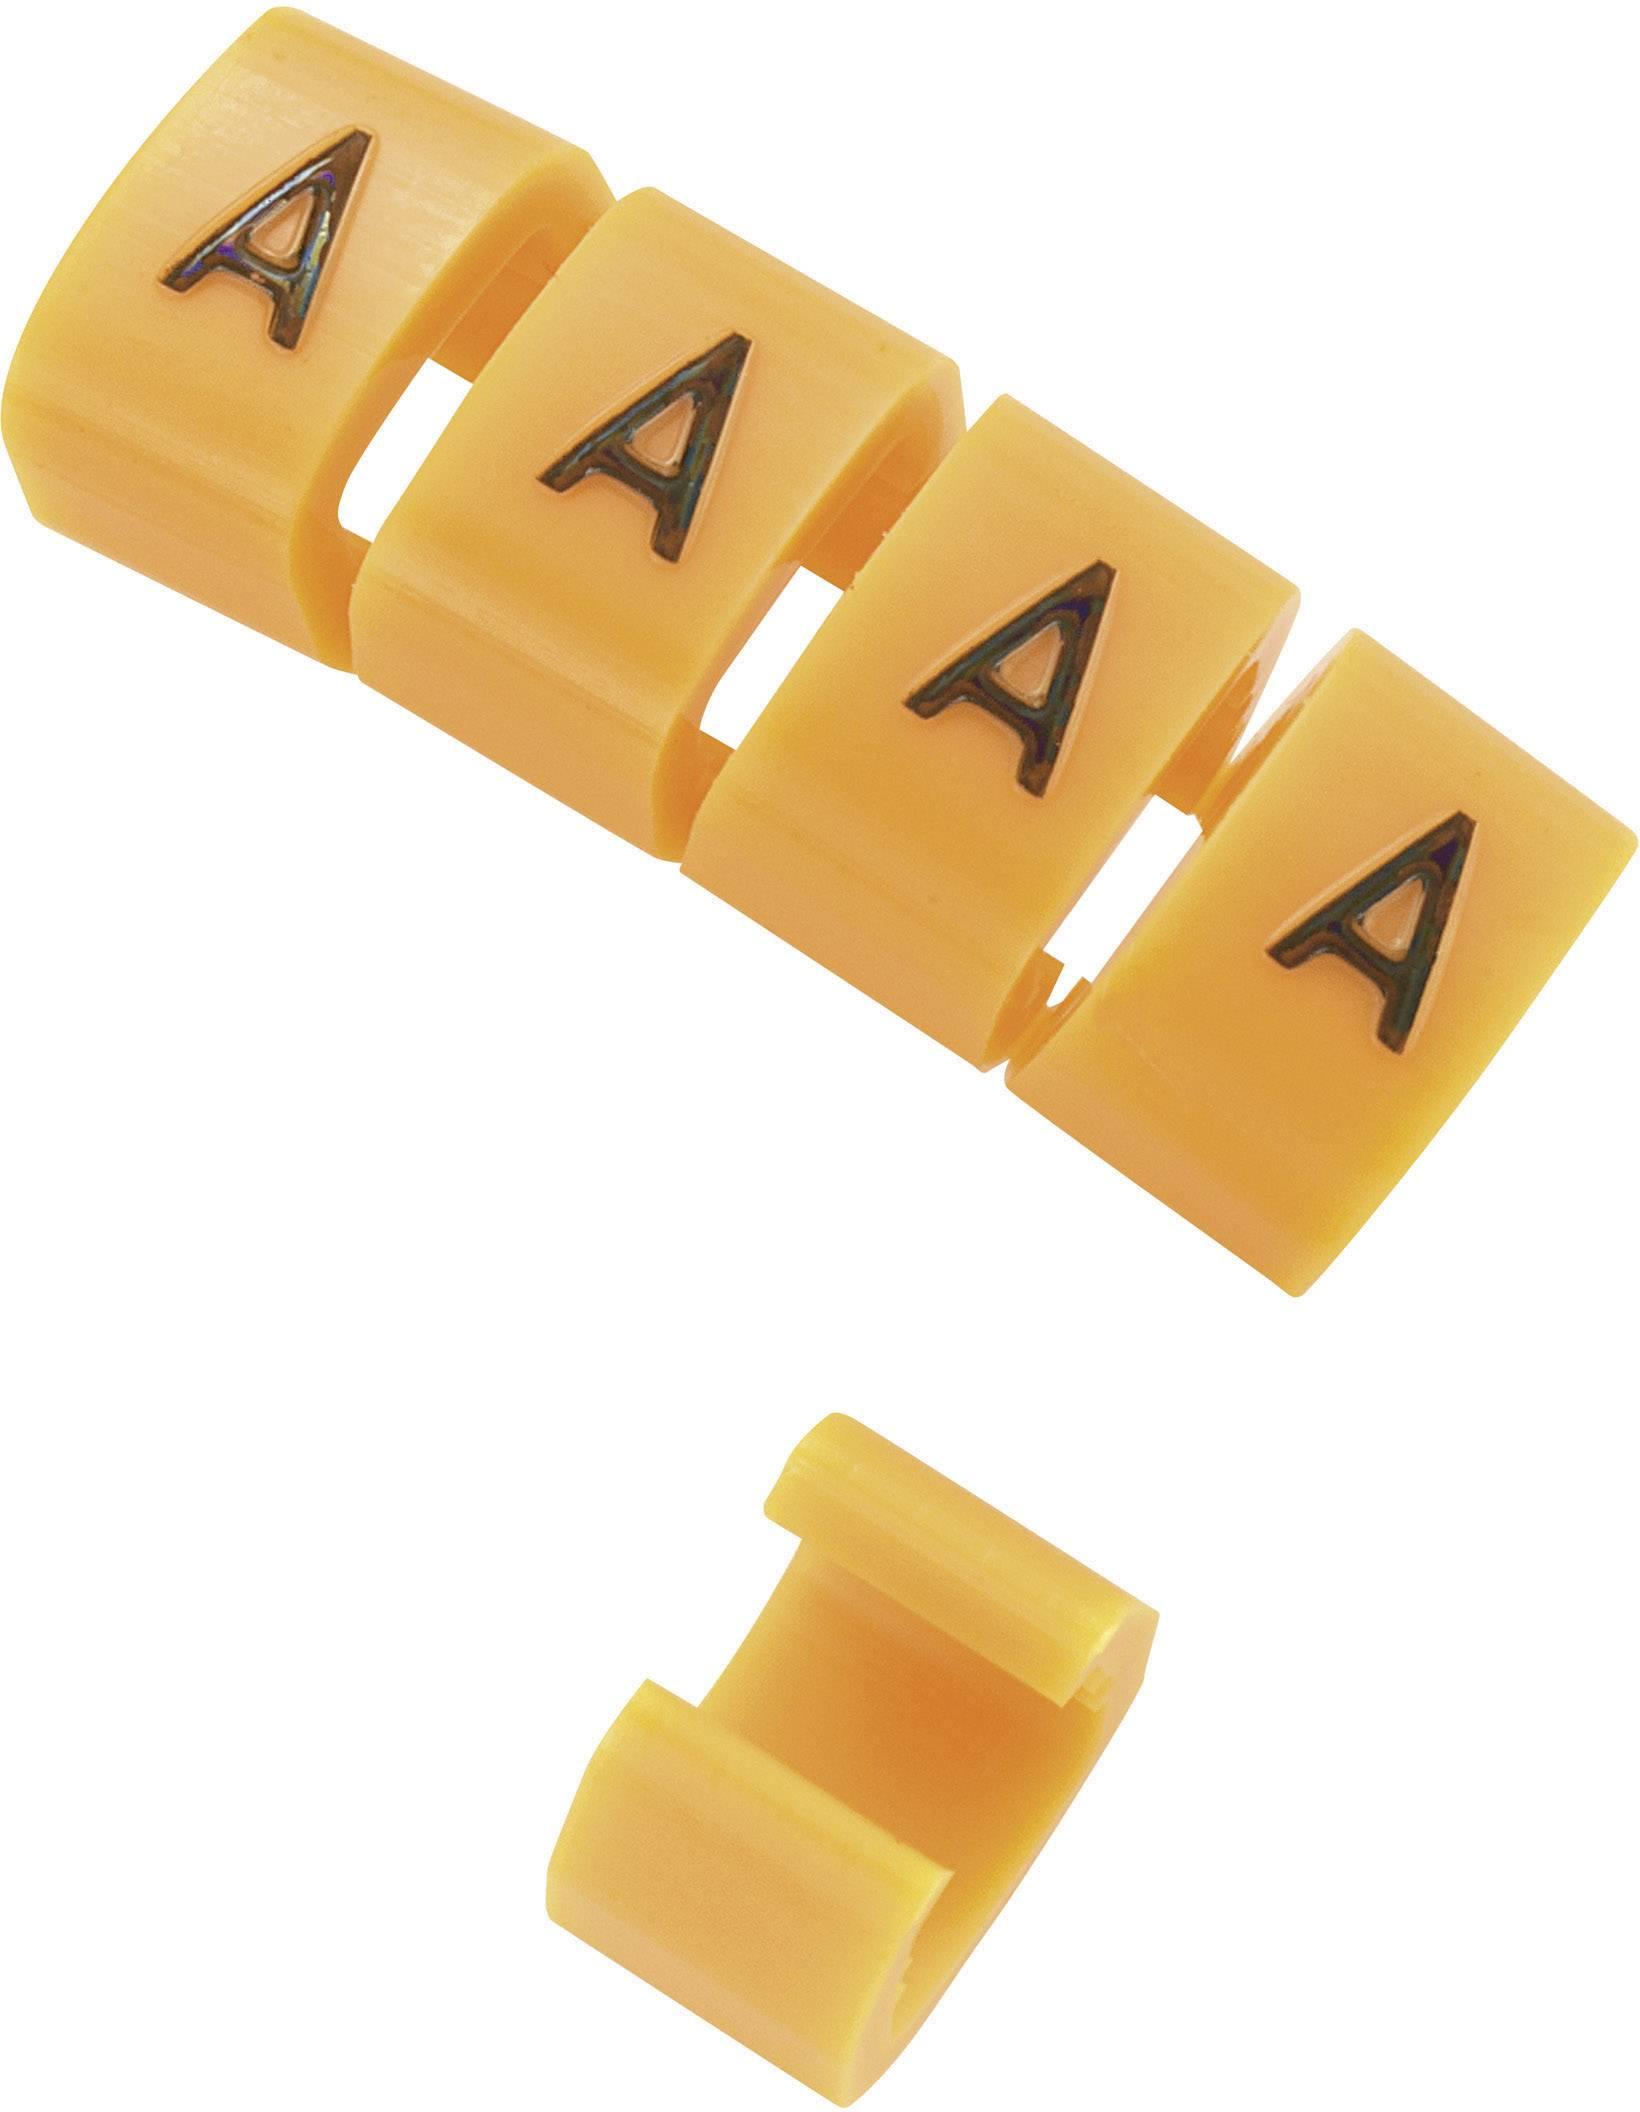 Označovacie objímka na káble KSS MB2/M, oranžová, 10 ks